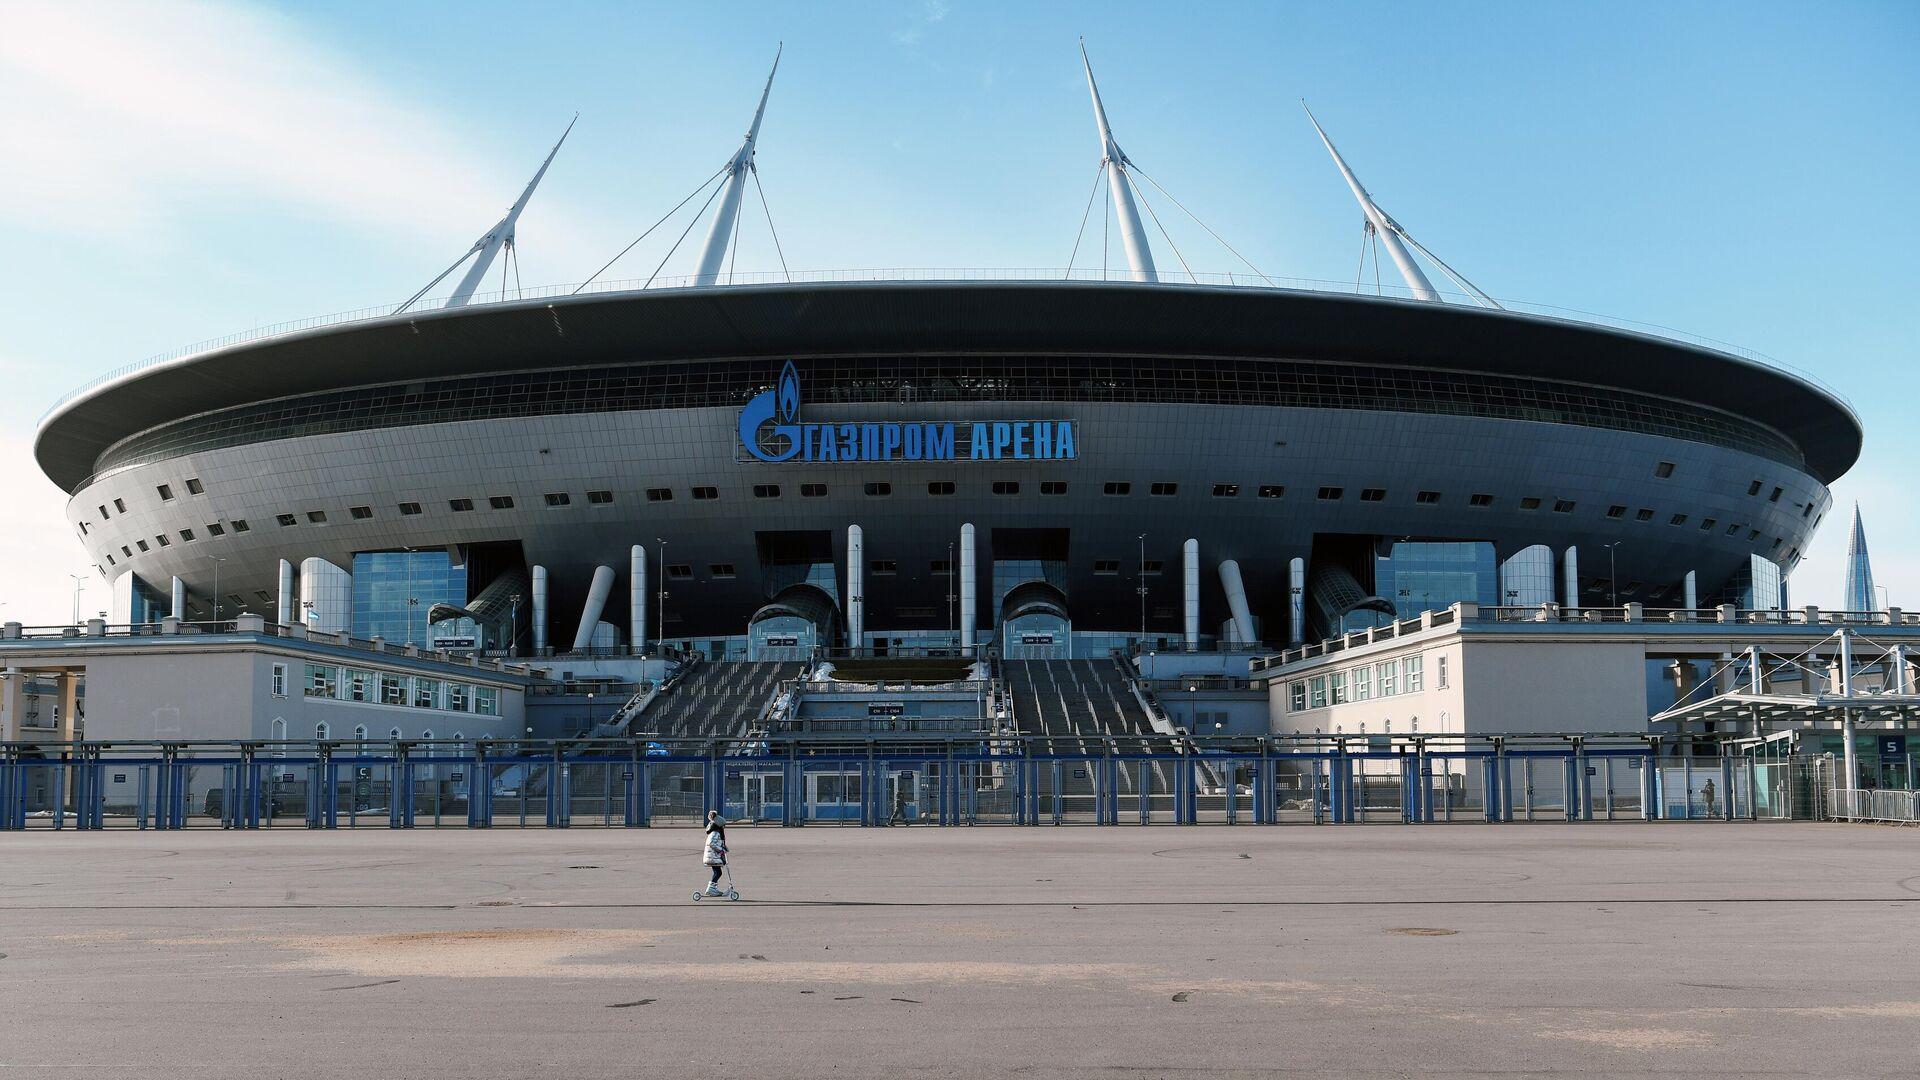 Стадион Газпром-Арена в Санкт-Петербурге - РИА Новости, 1920, 02.05.2021